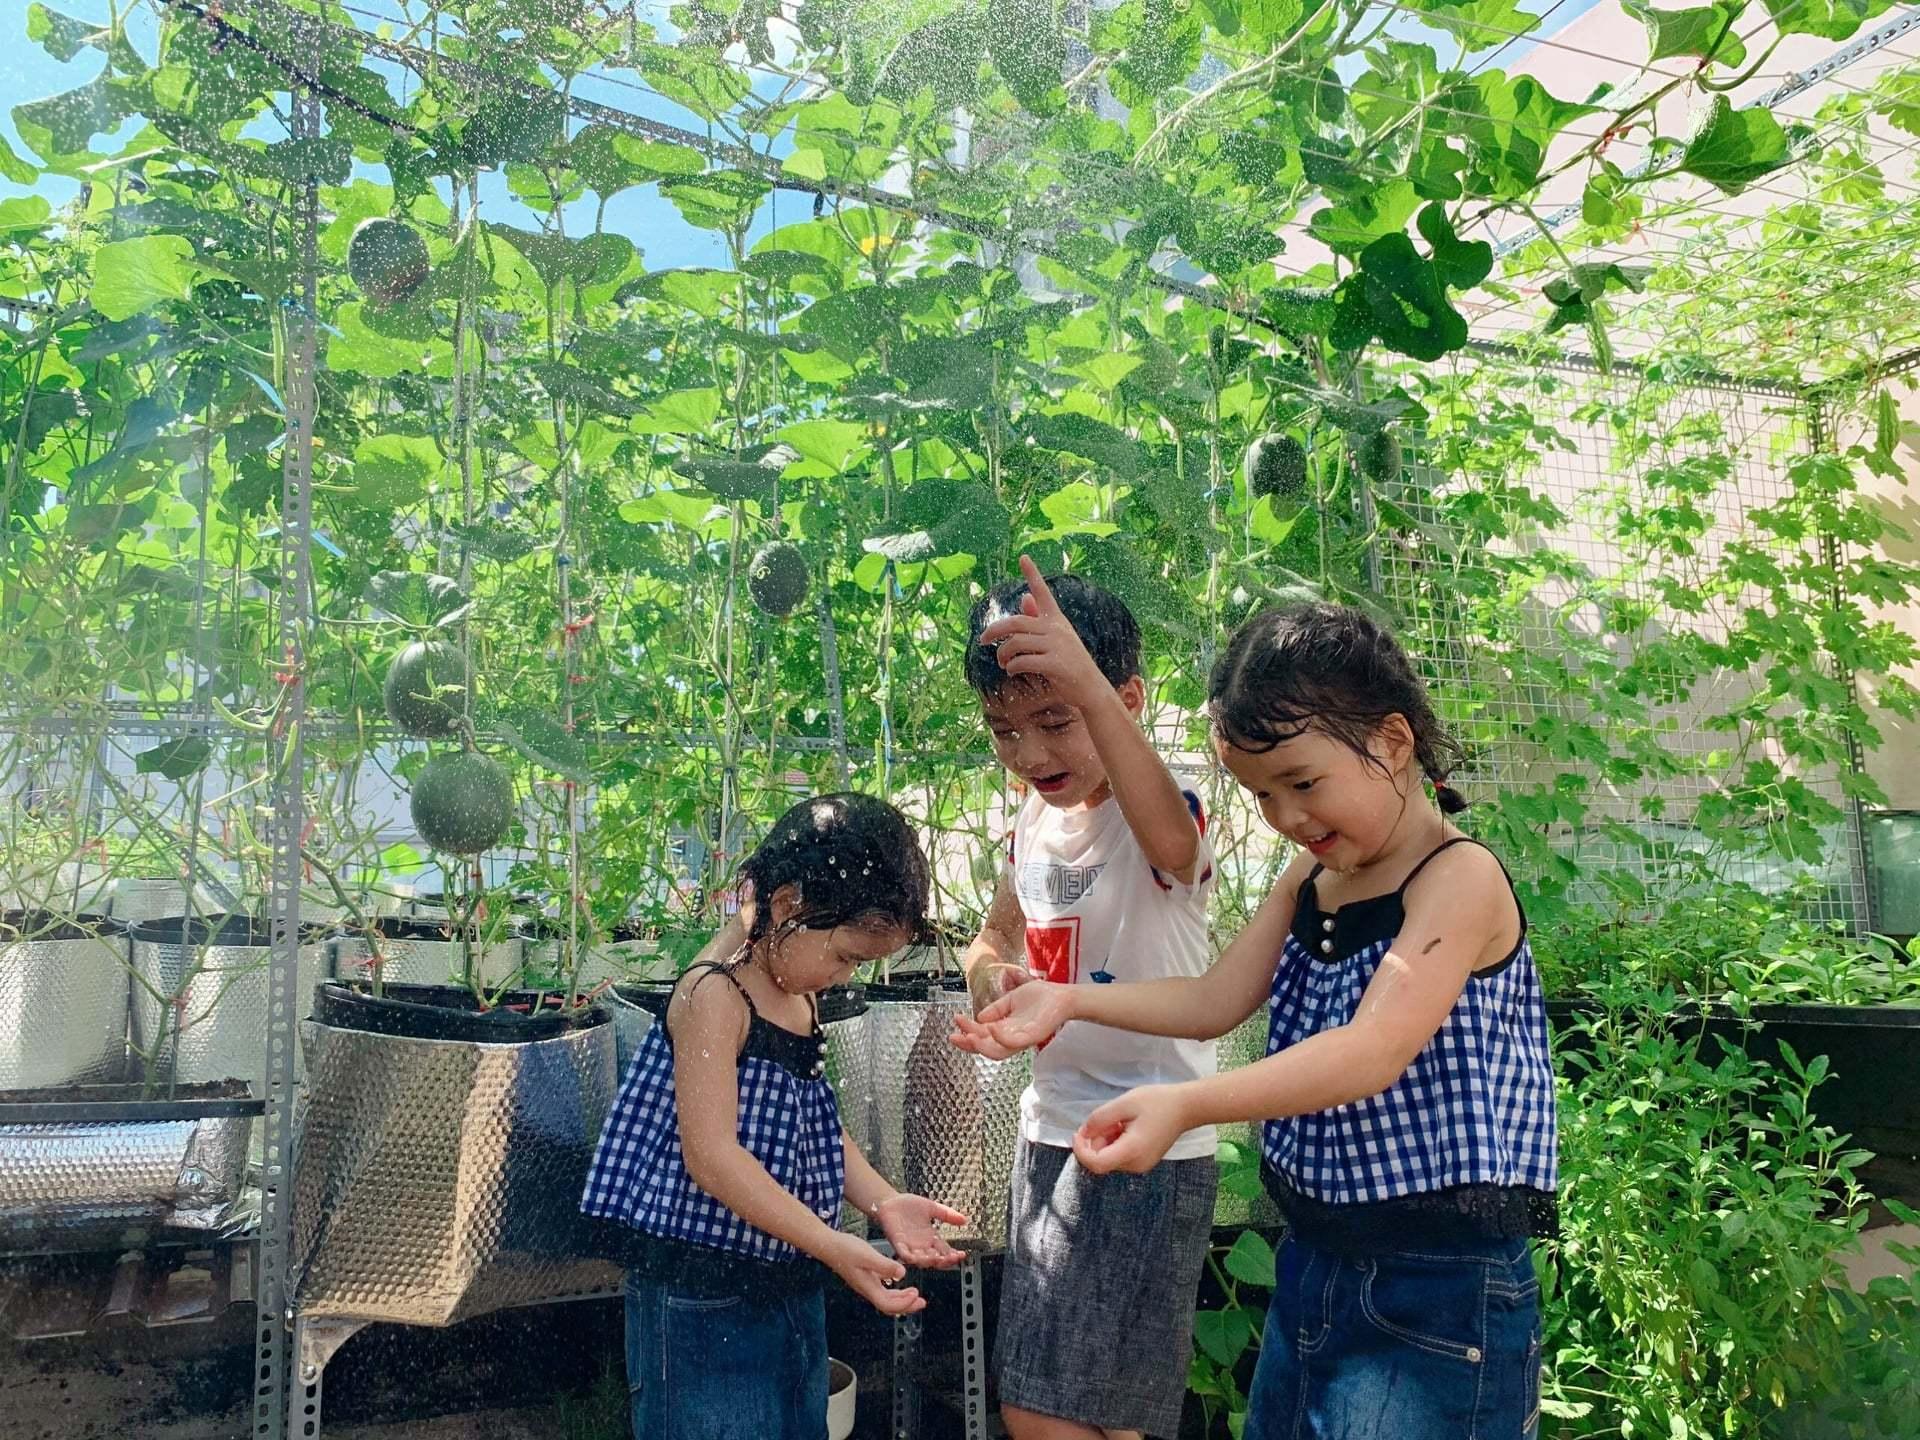 Bố mẹ Sài Gòn biến sân 30m2 thành 'khu du lịch' cho con cắm trại, học kỹ năng